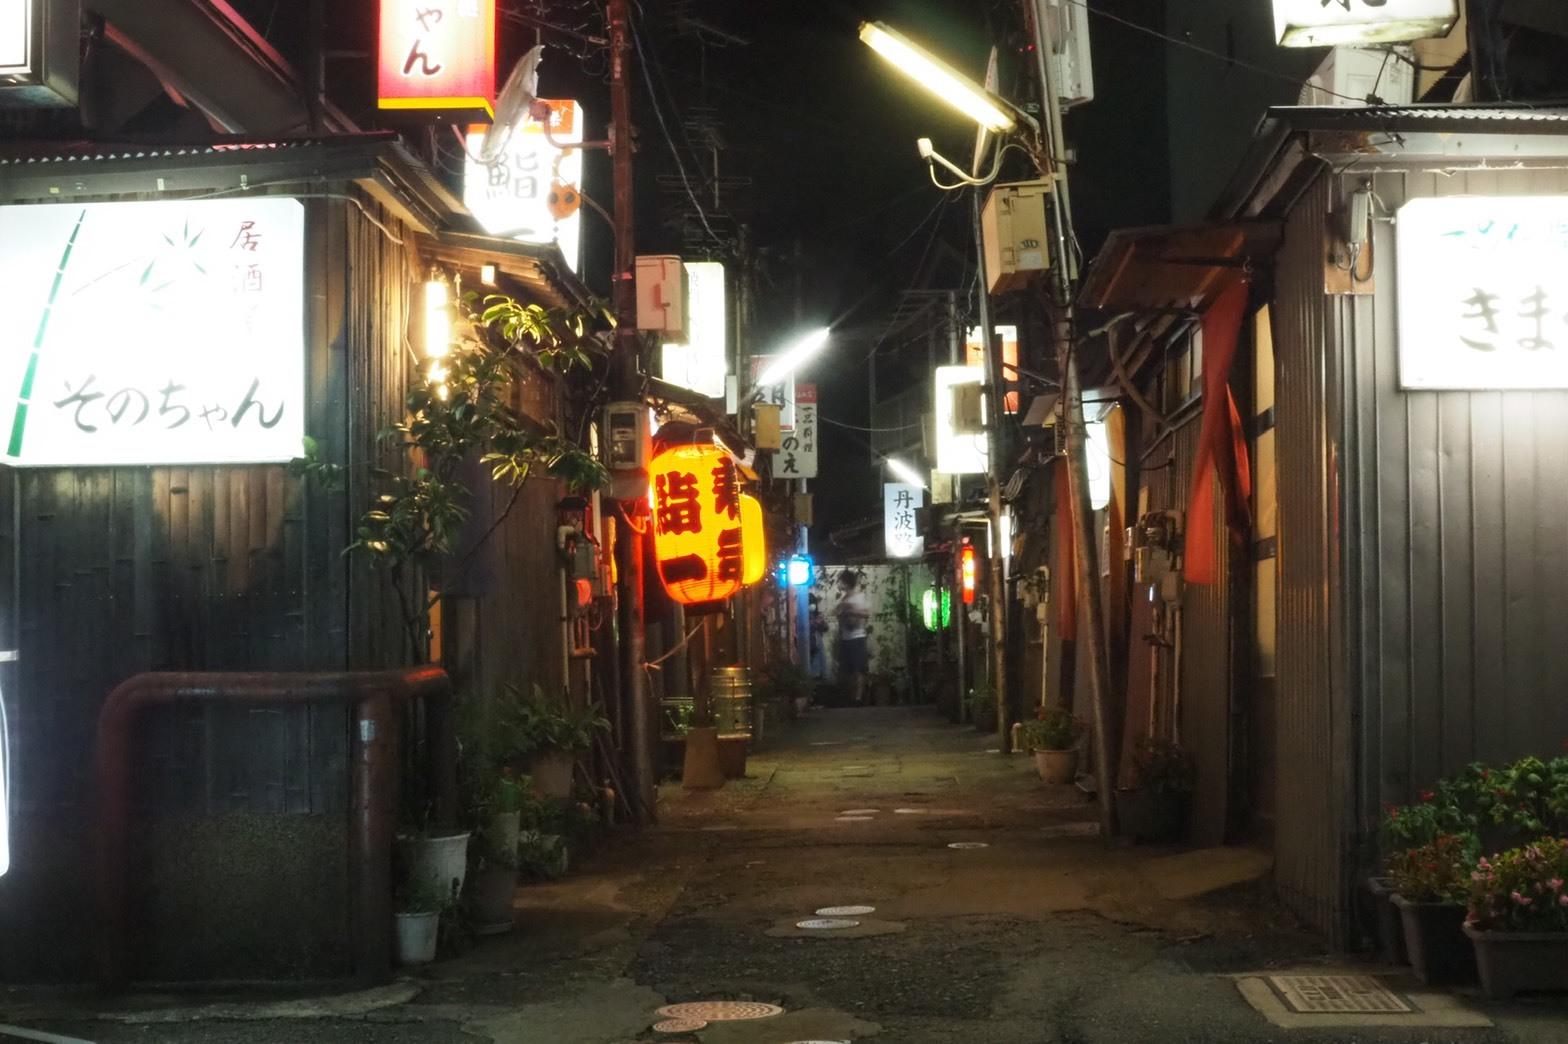 ぴーきちハーレーブログ 福井金沢ツーリング 金沢の夜 バラック街 金沢中央味食街